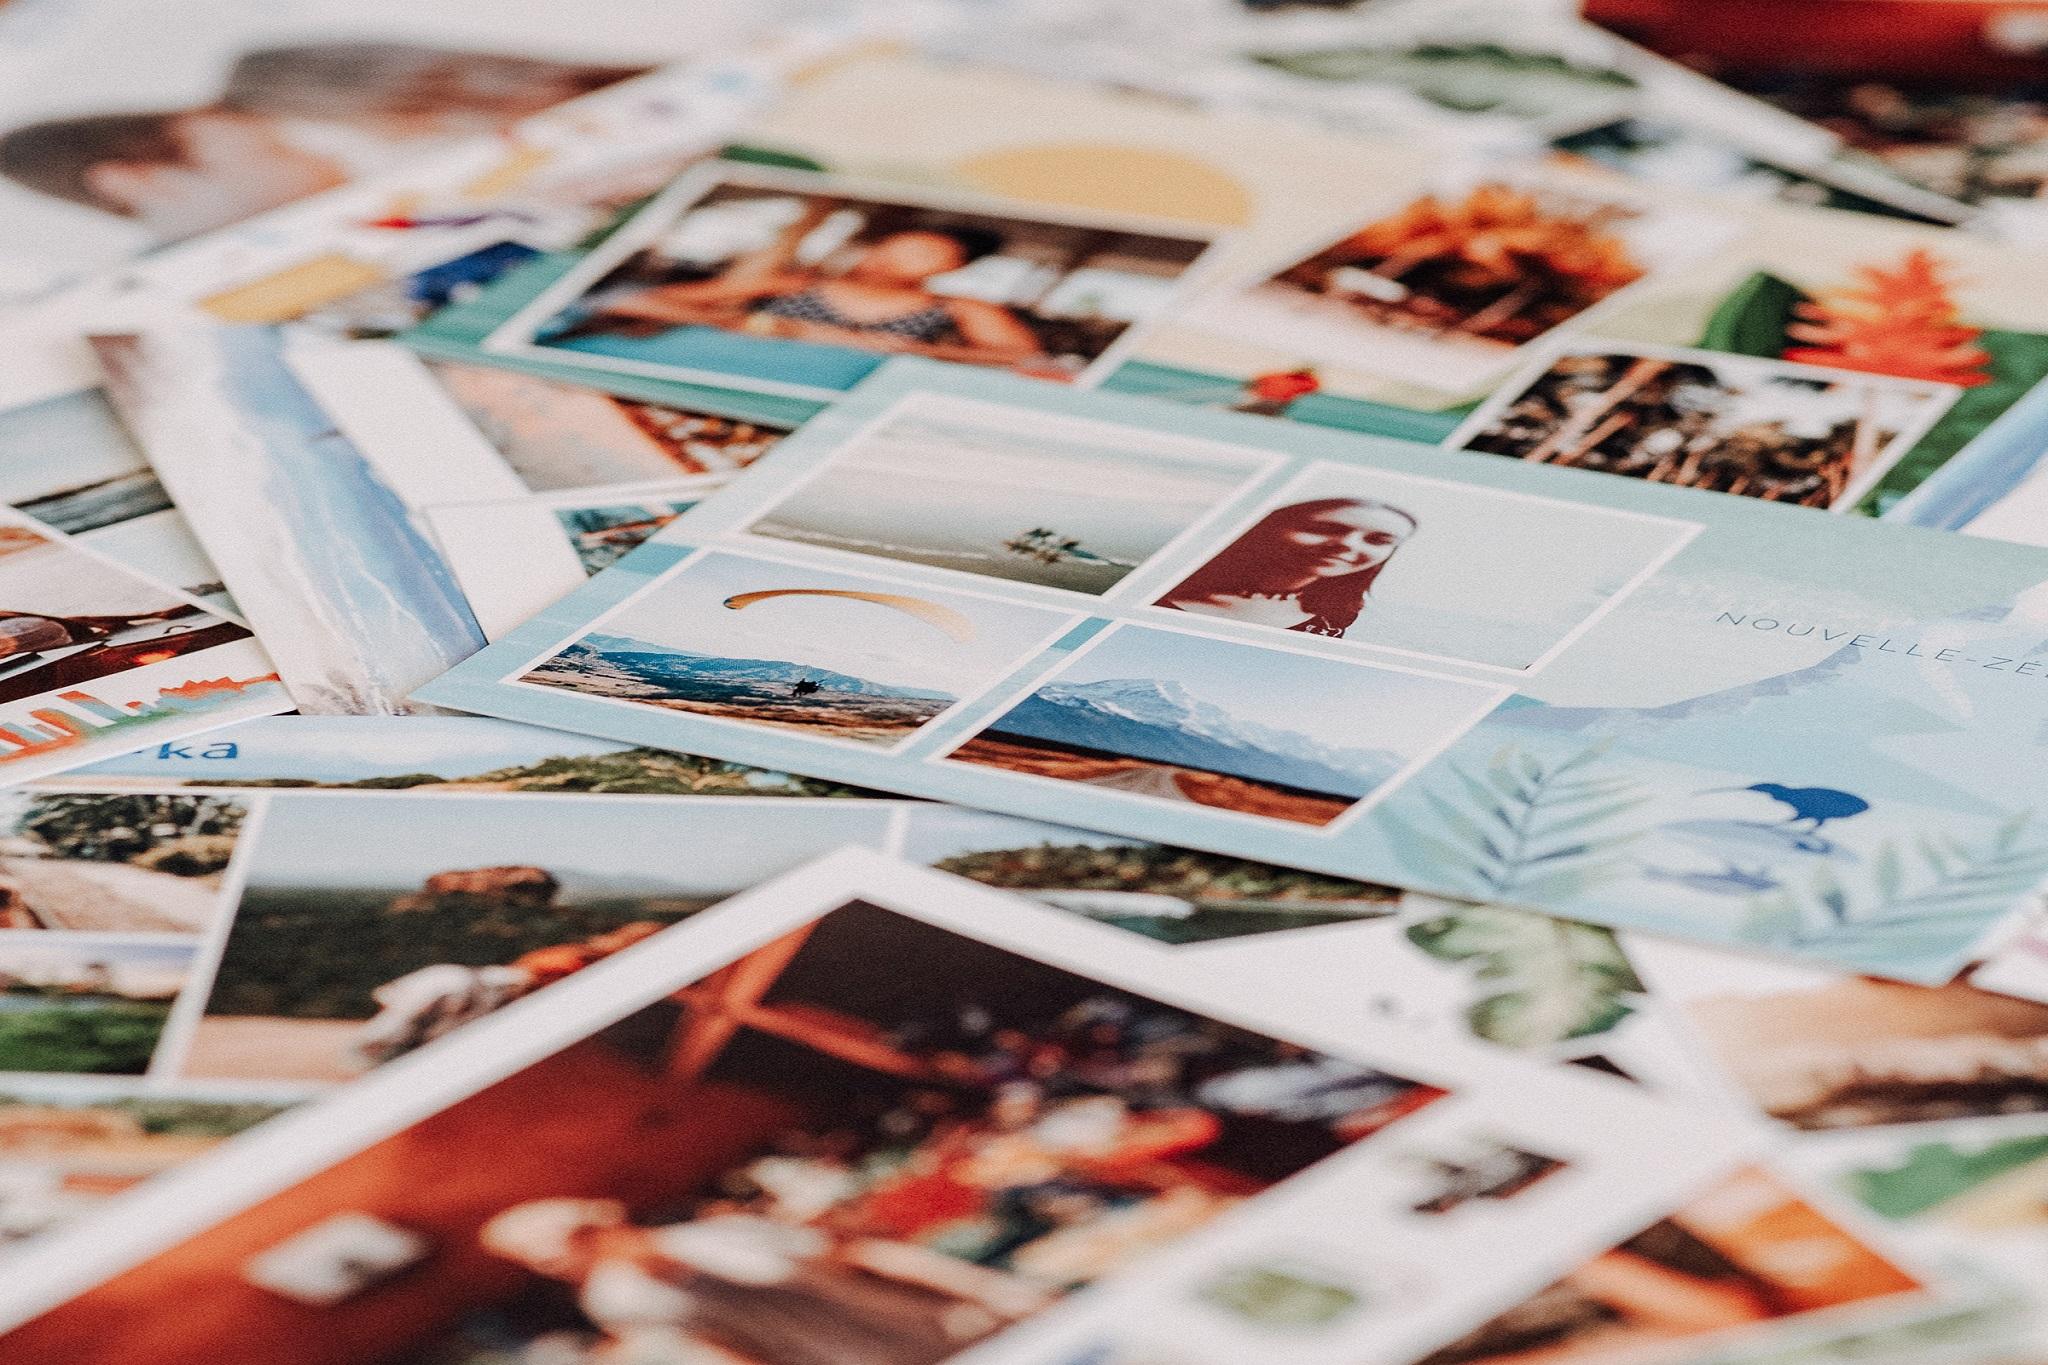 pile de cartes postales colorees